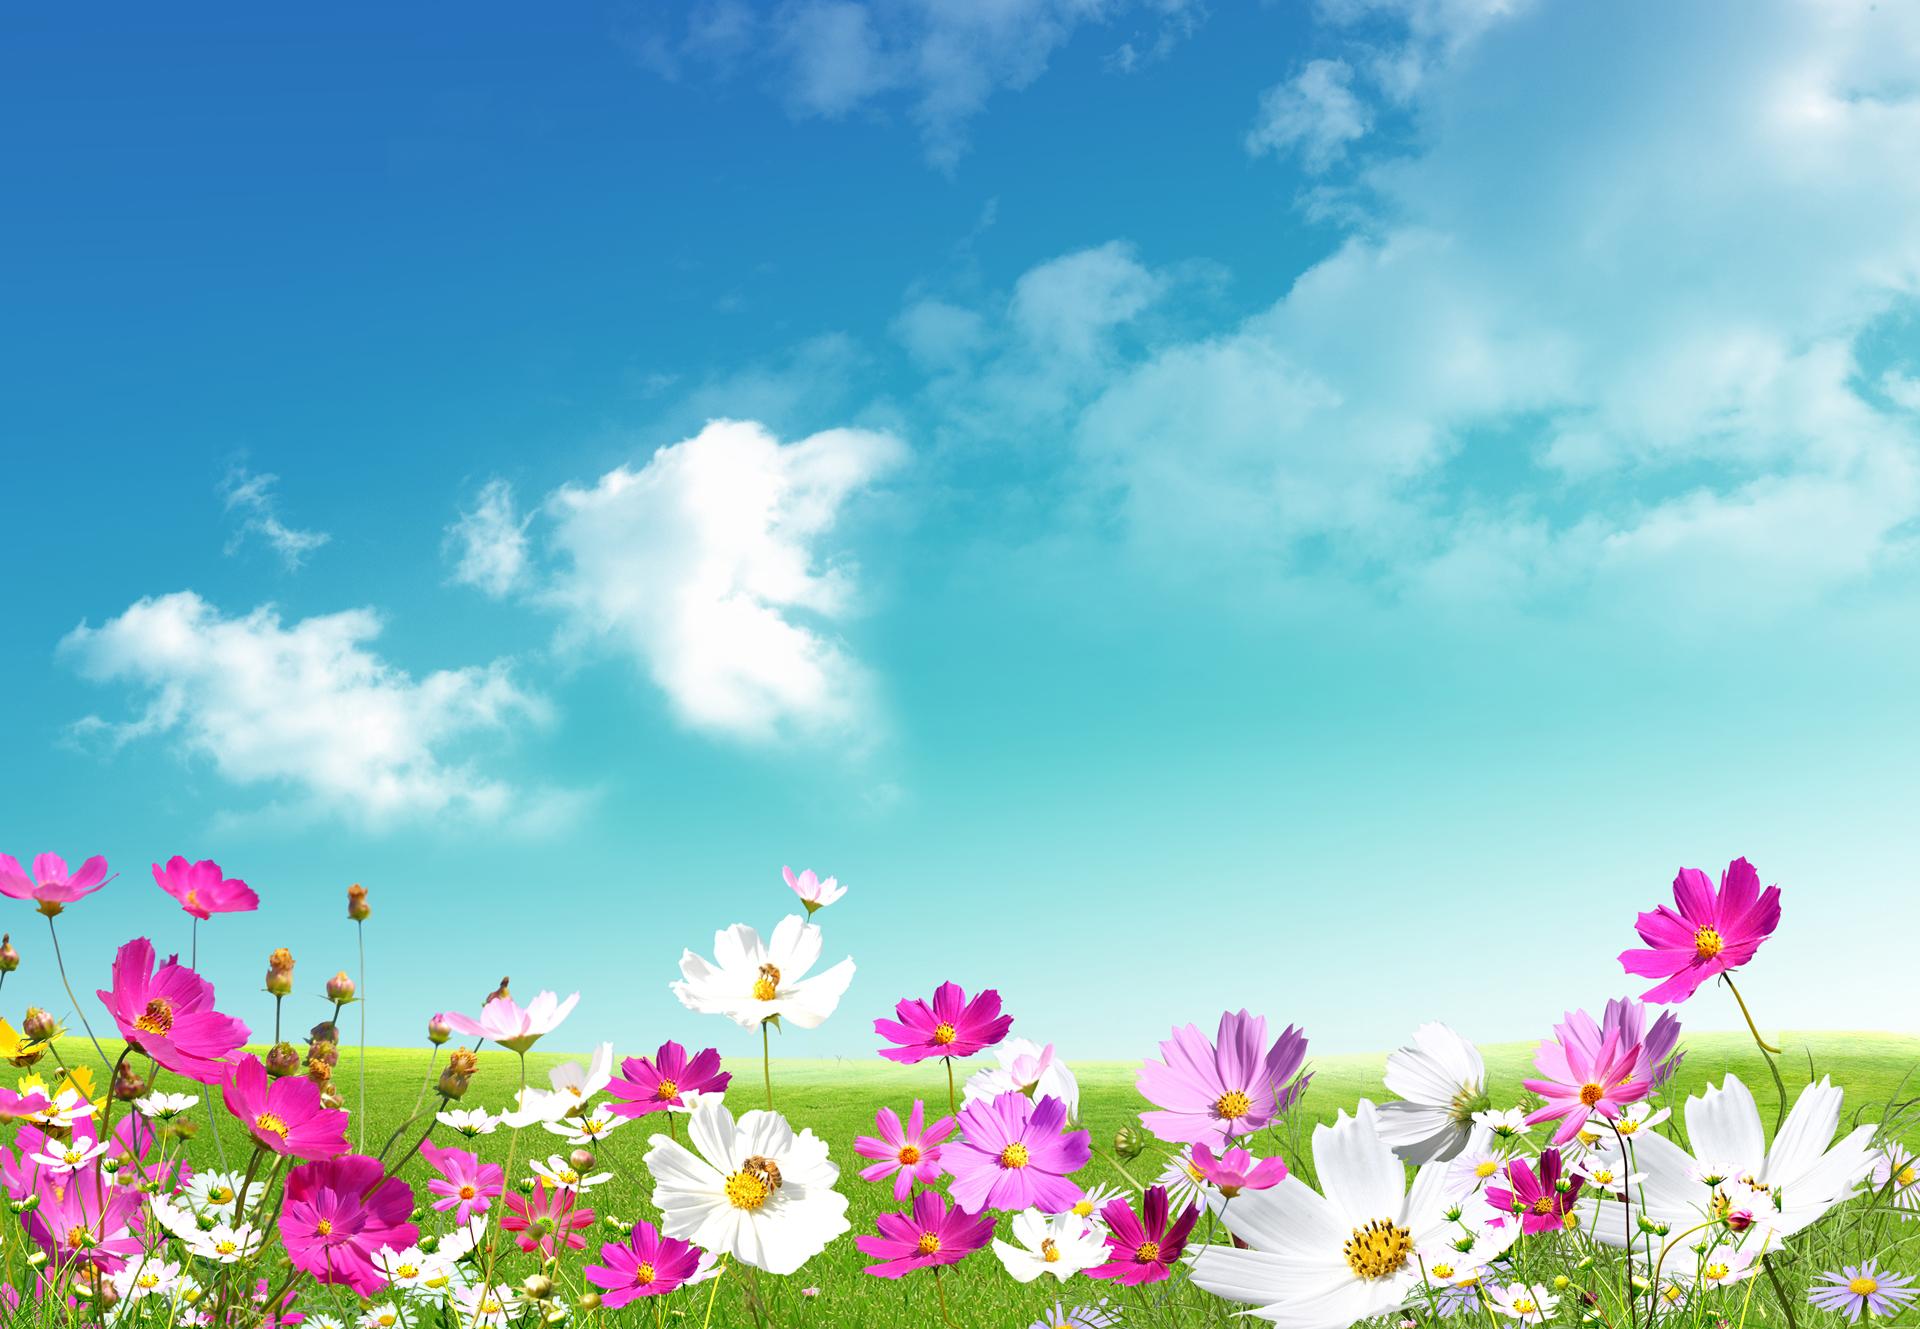 Spring 59 Wallpapers Desktop Wallpapers HD Wallpapers 1920x1329